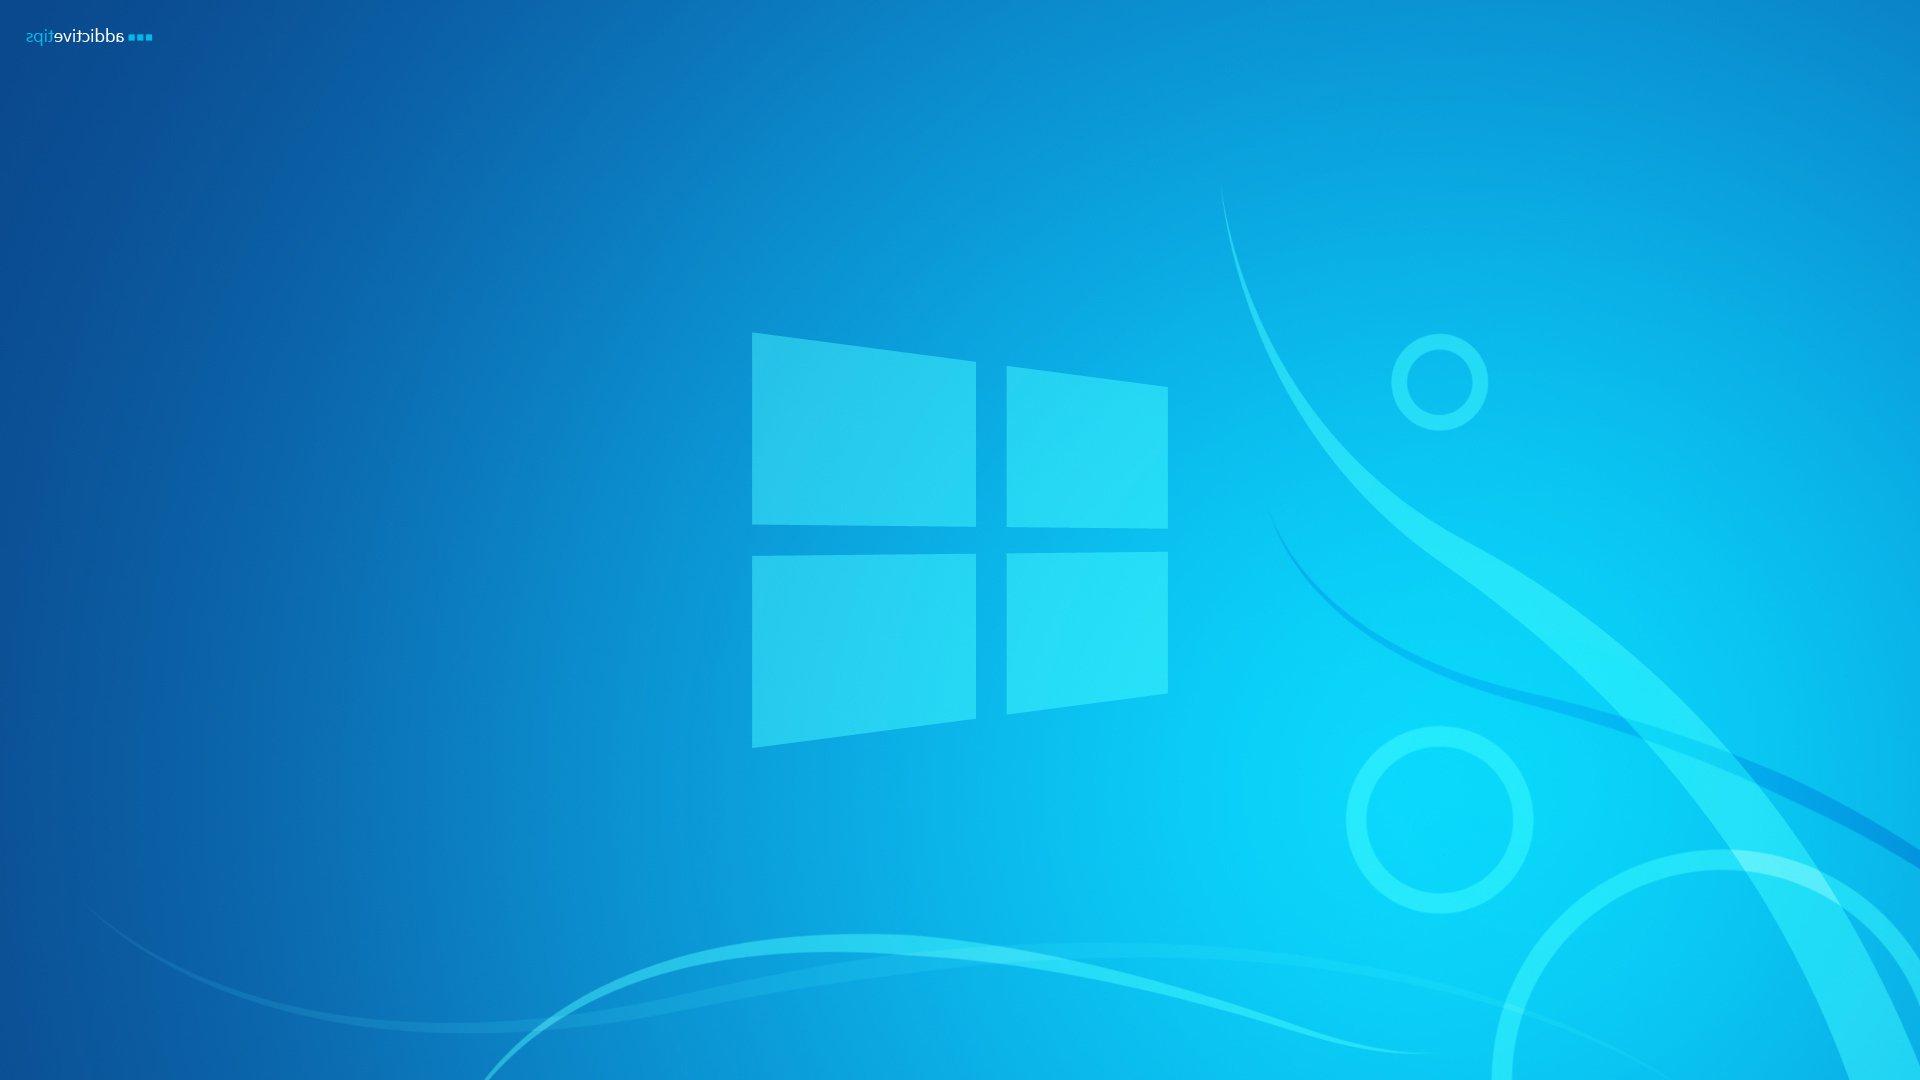 Скачать бесплатно на рабочий стол картинки для windows 7 18